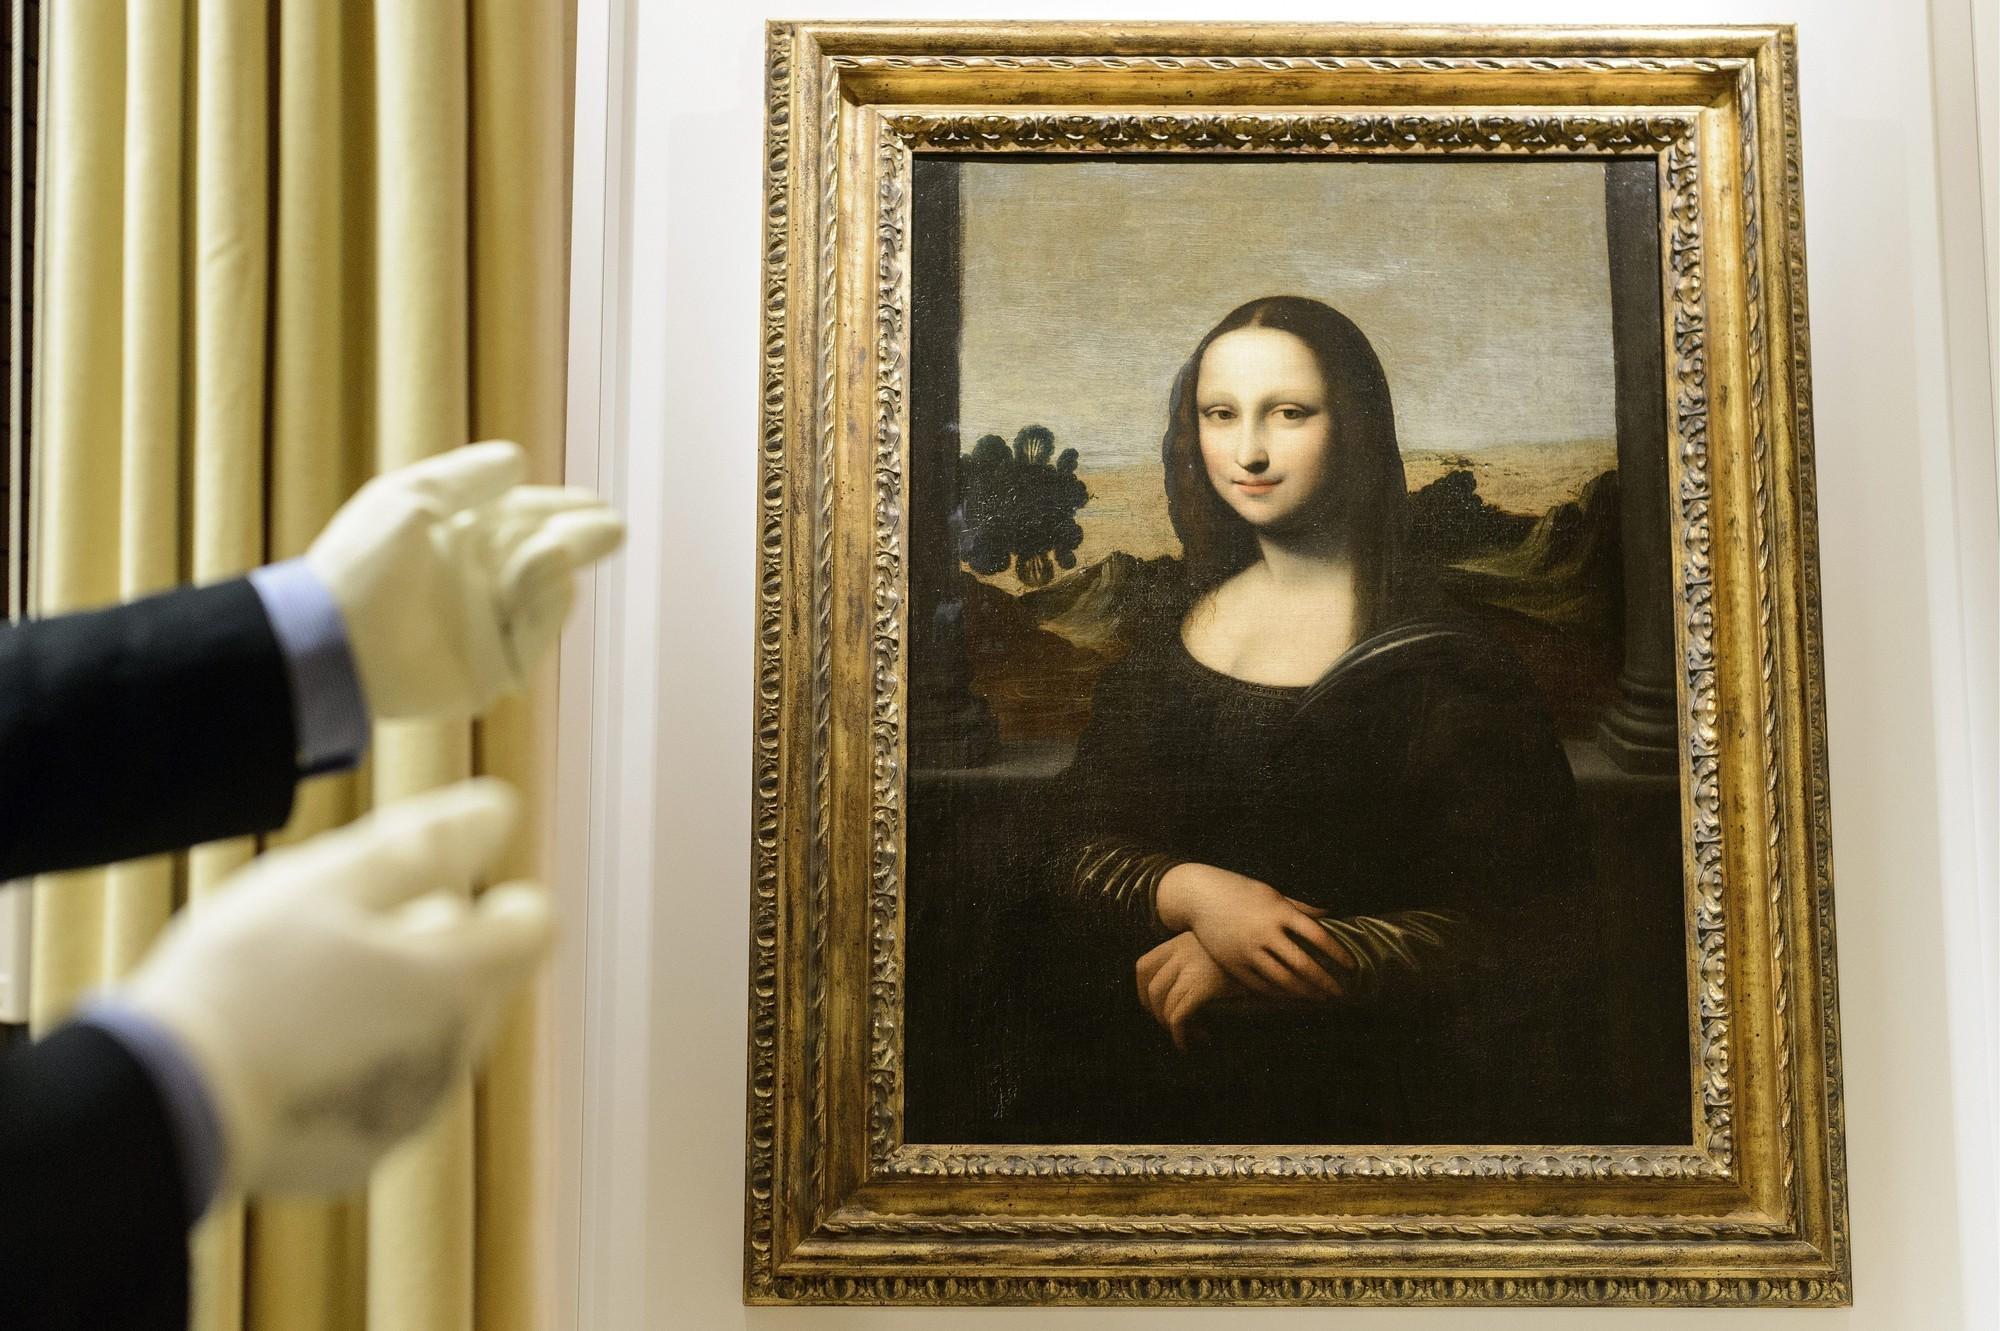 Ученые узнали мрачную тайну улыбки Моны Лизы